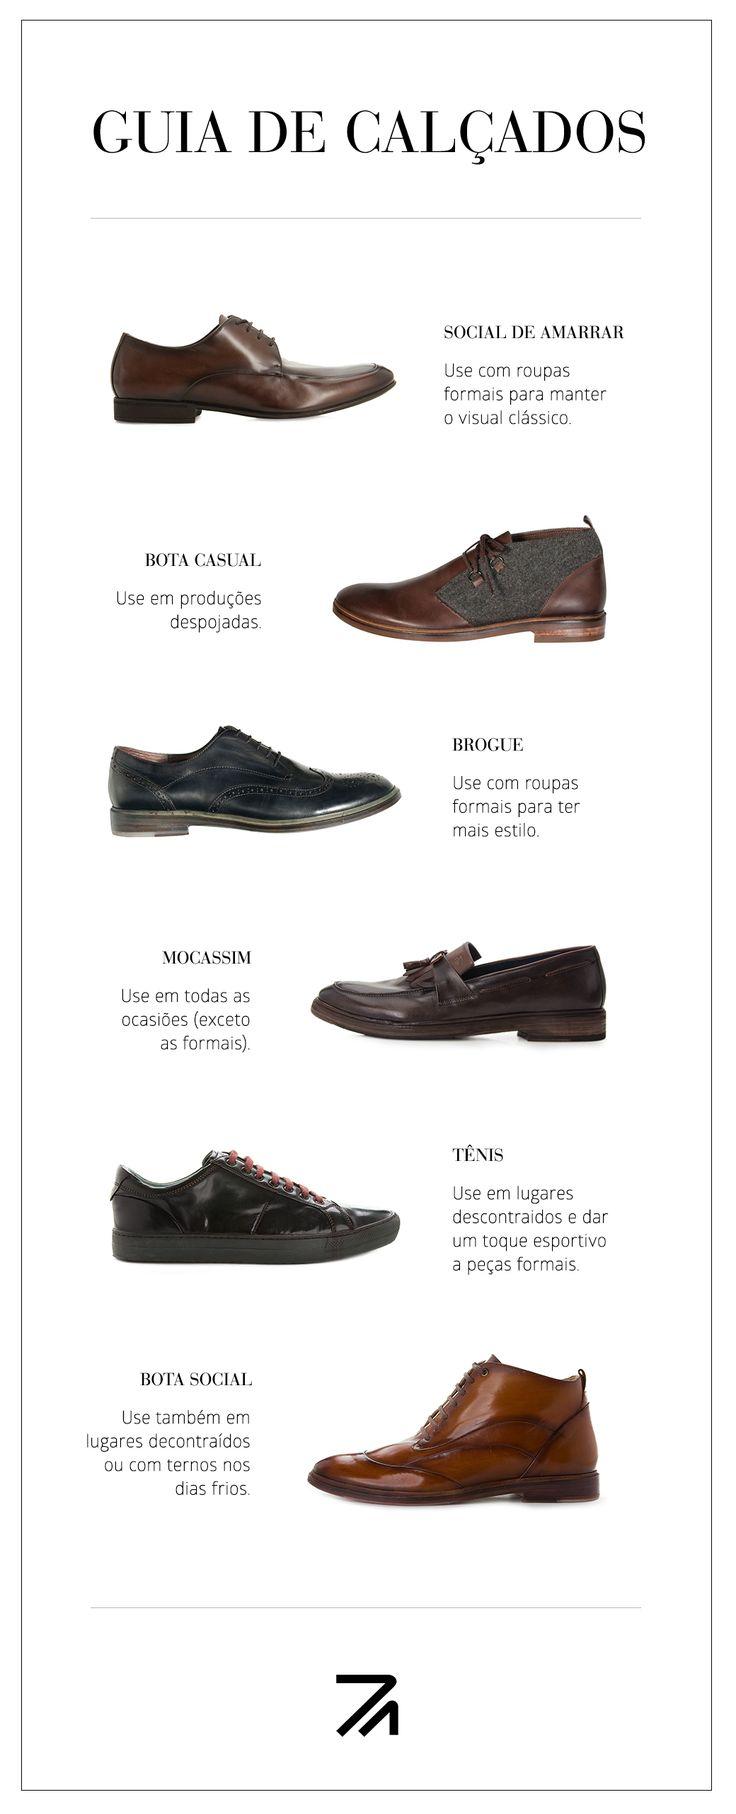 Guia de Calçados Ricardo Almeida 2015 - Ricardo Almeida Shoe Guide 2015 - http://blog.ricardoalmeida.com.br/index.php/conheca-nossa-nova-linha-de-calcados/ Visite: www.ricardoalmeida.com.br